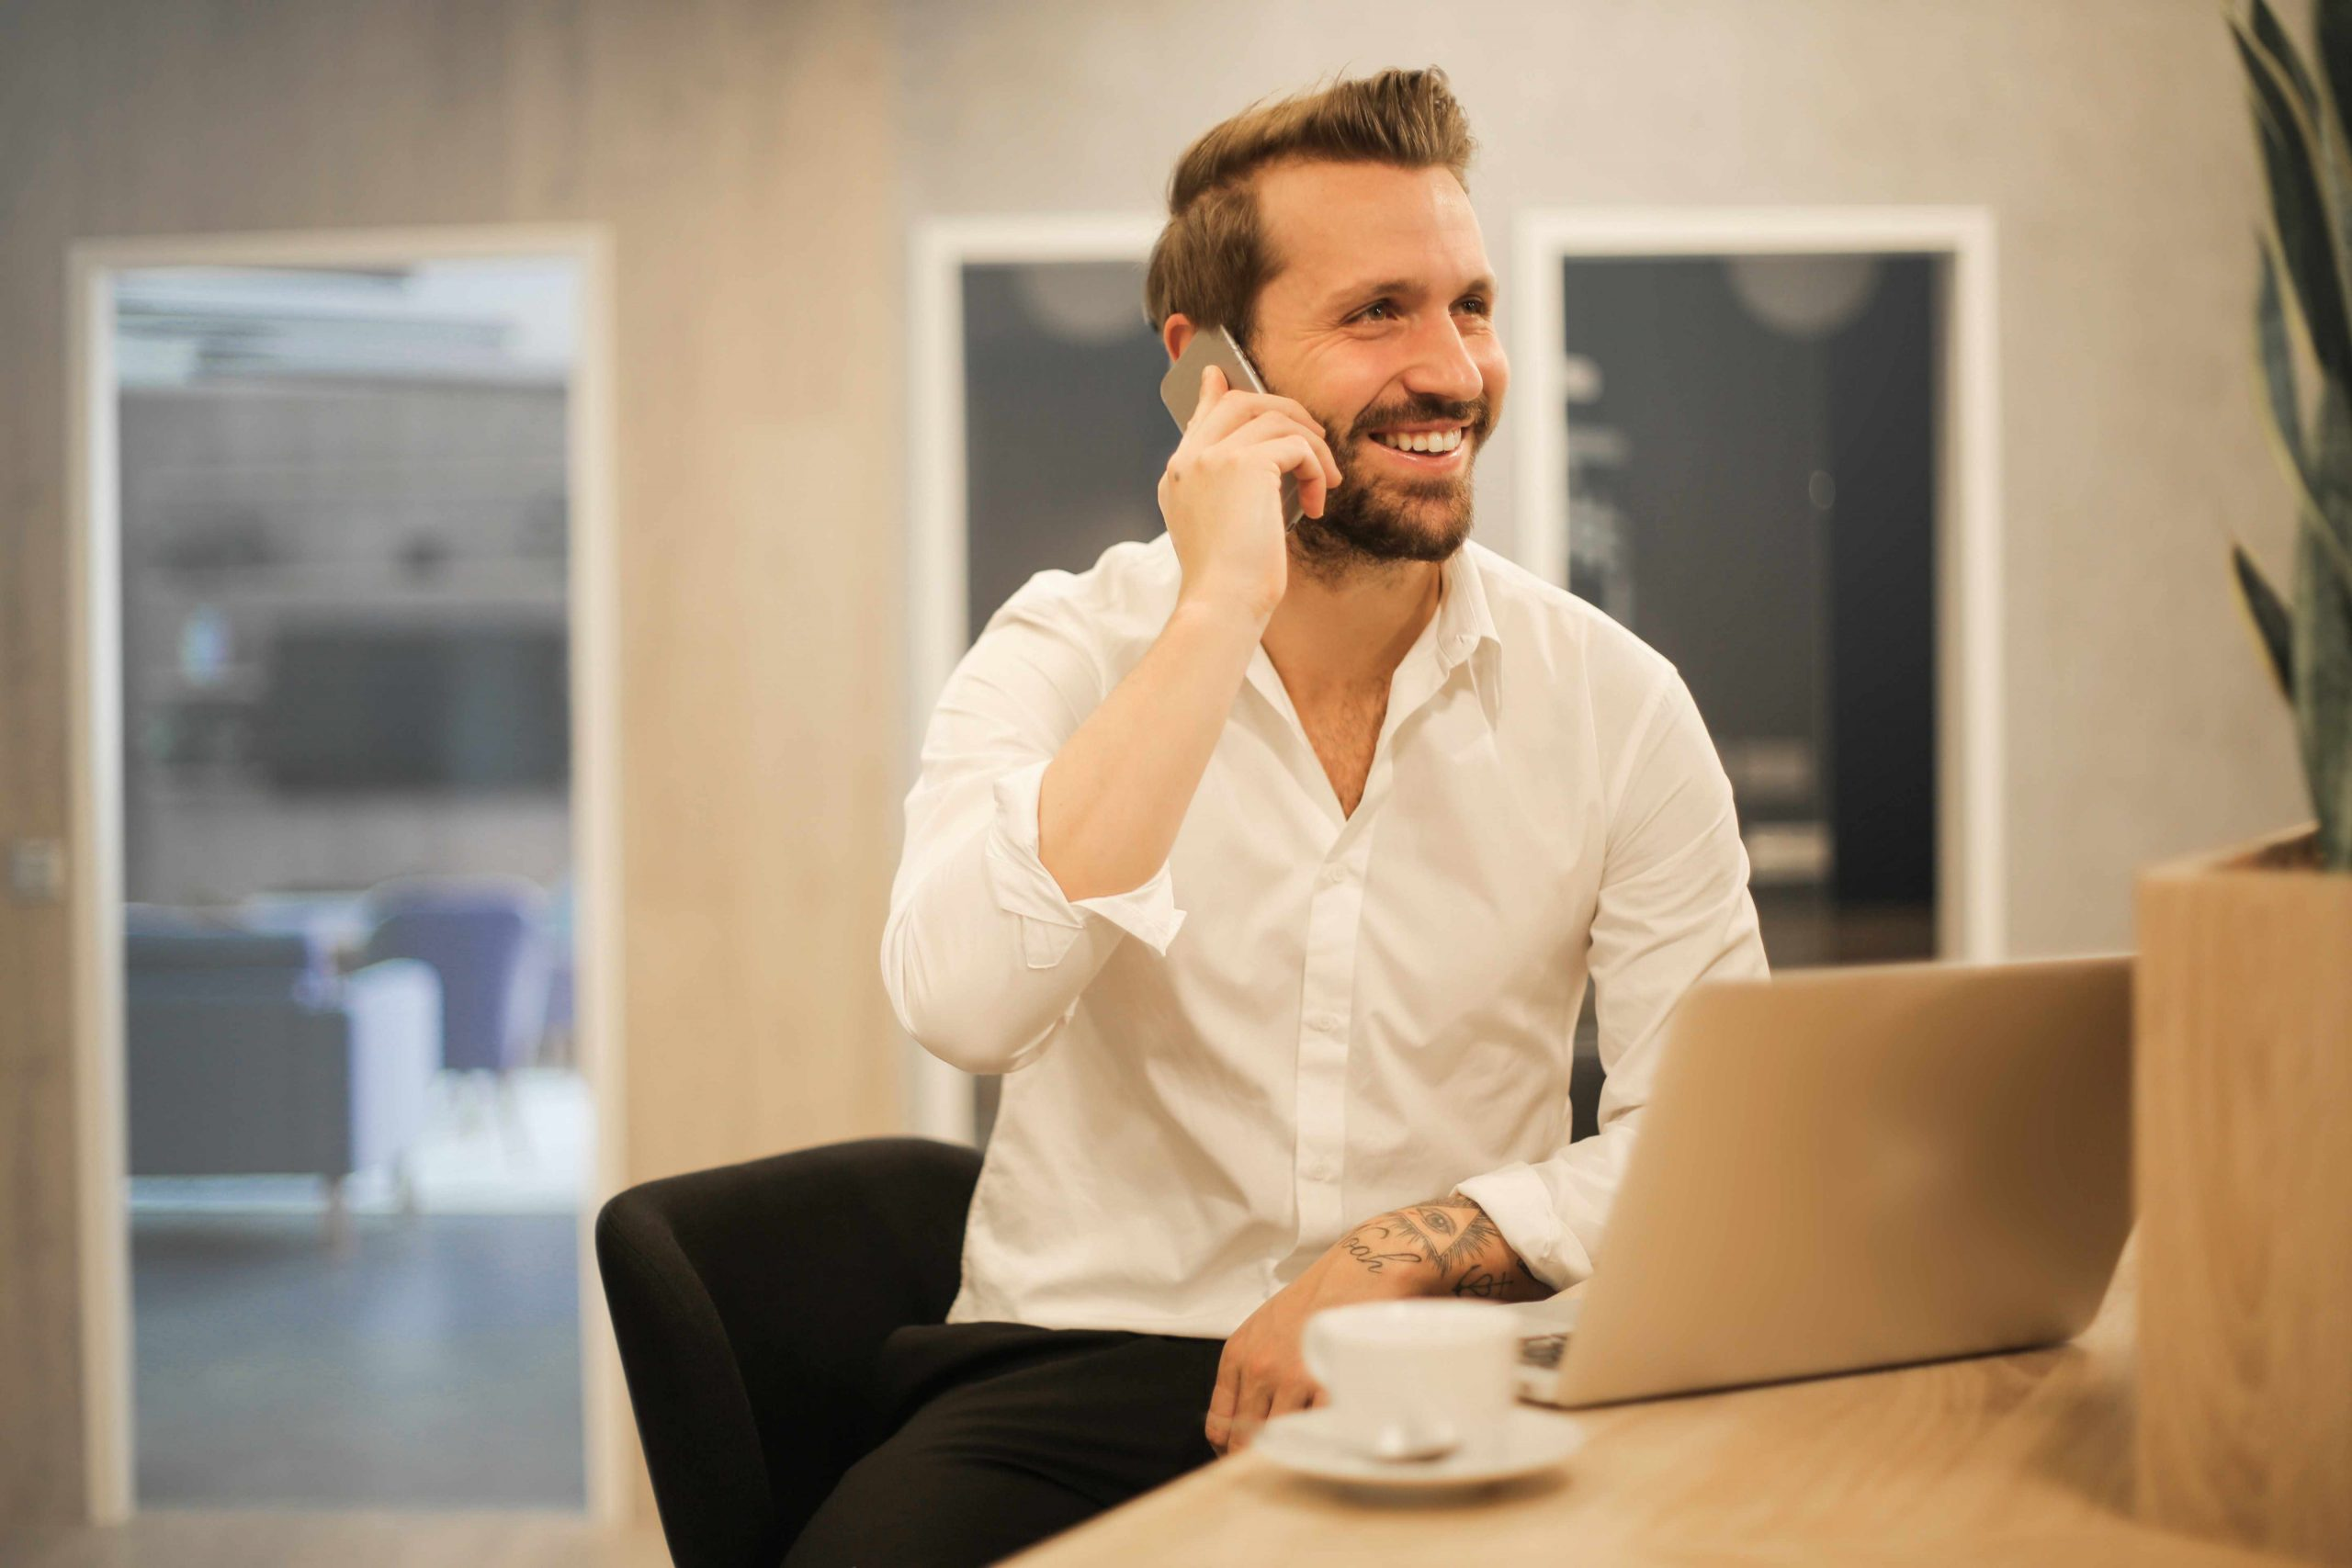 Smart working - uomo davanti a pc al telefono sorridente